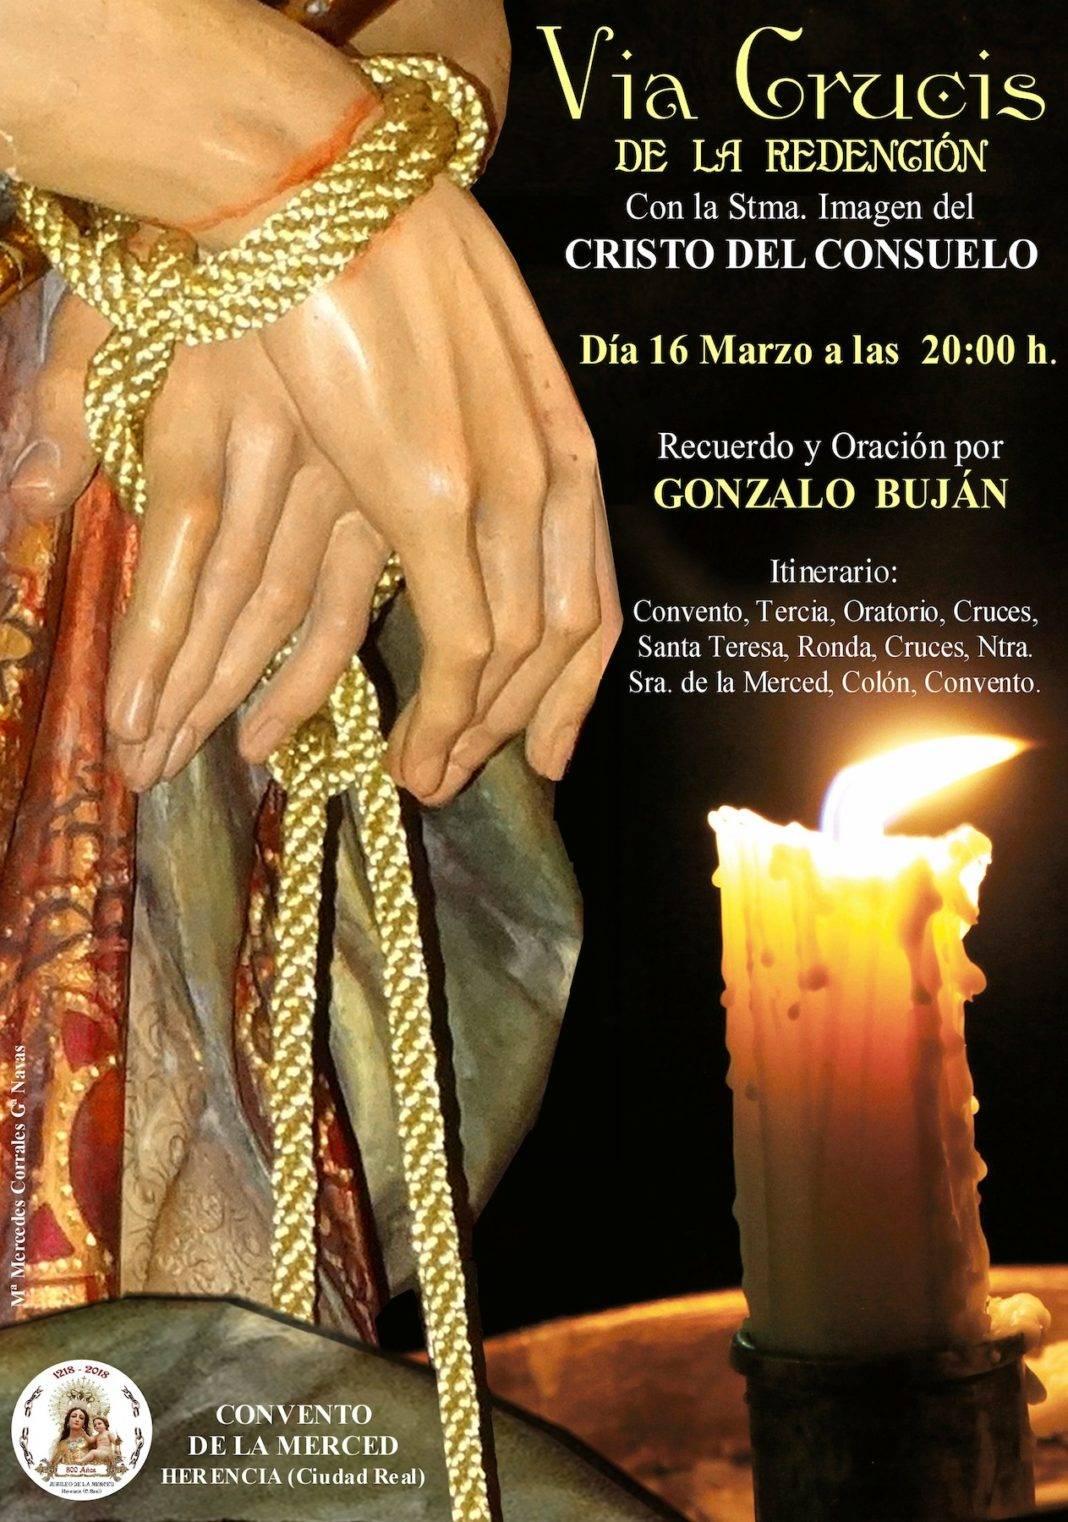 Vía Crucis de la Redención el 16 de marzo 2018 4